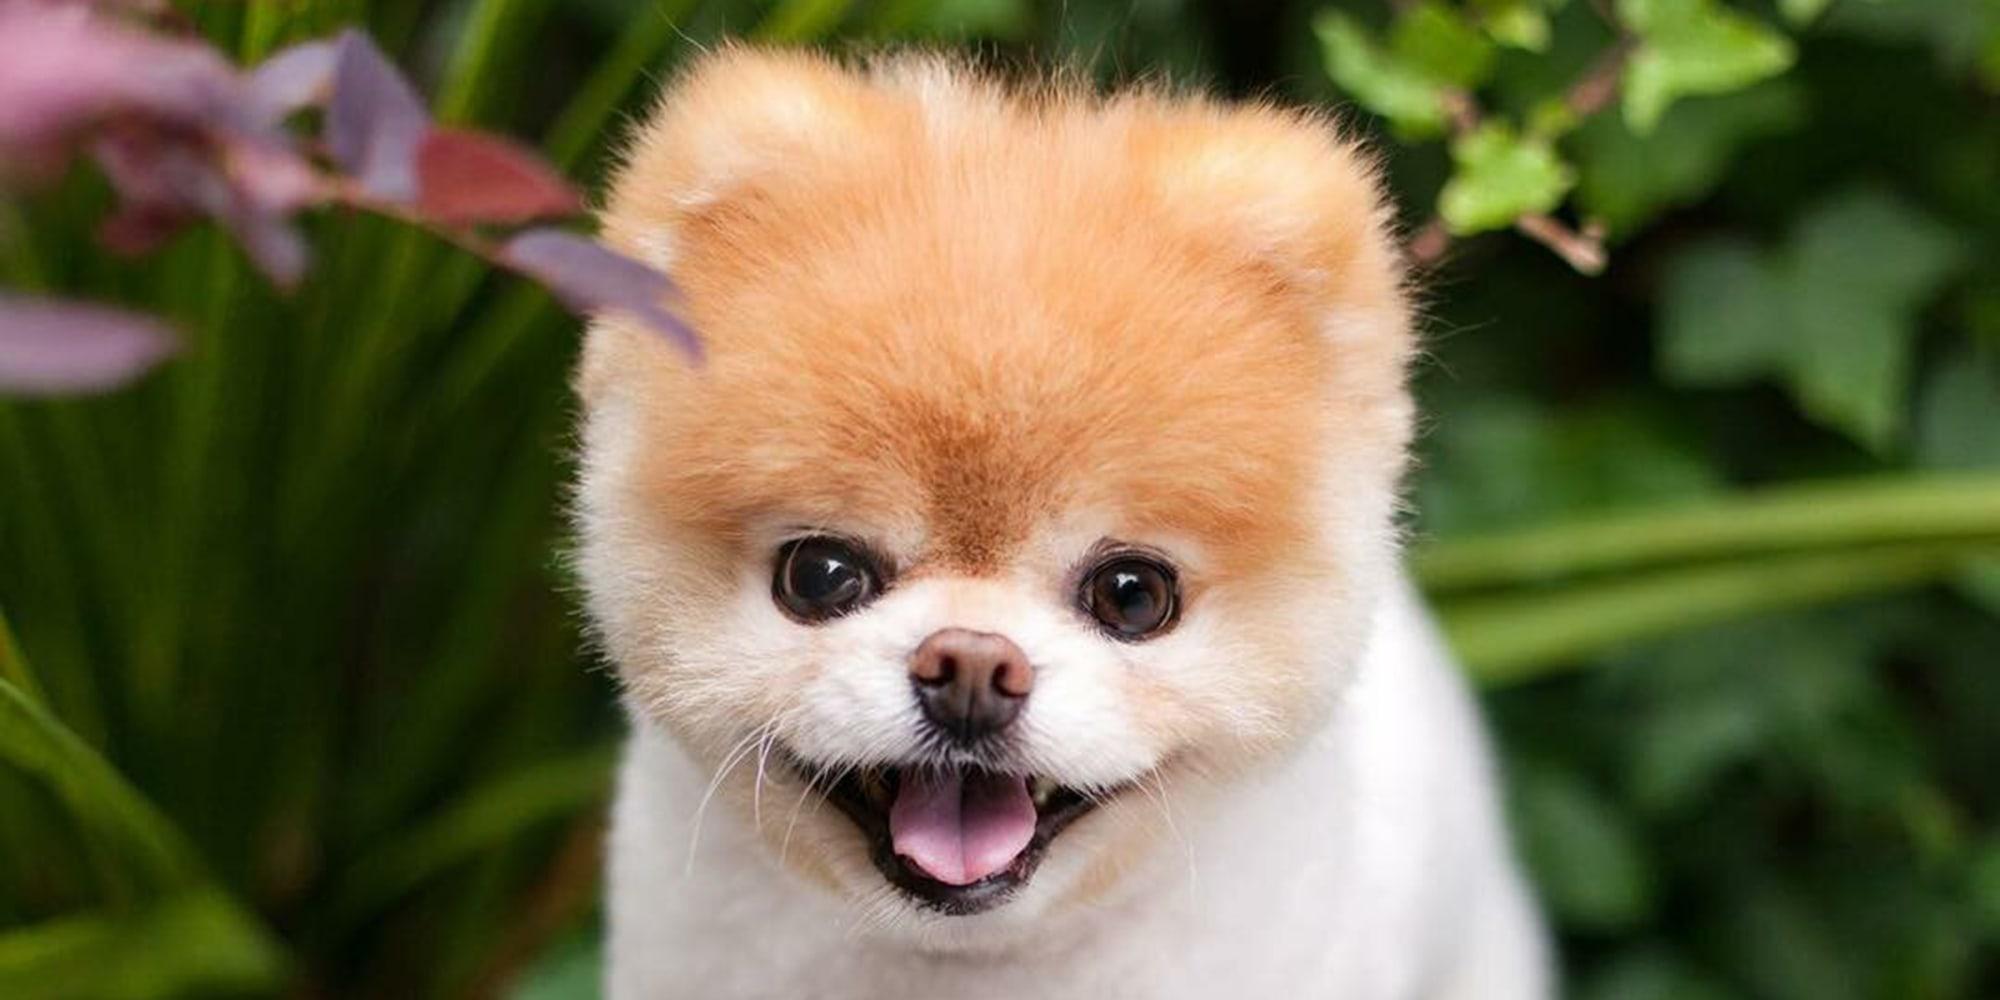 boo-worlds-cutest-dog-today-190119-main-01_e936818b2af79715c69ec876aa1361ef.fit-2000w.jpg